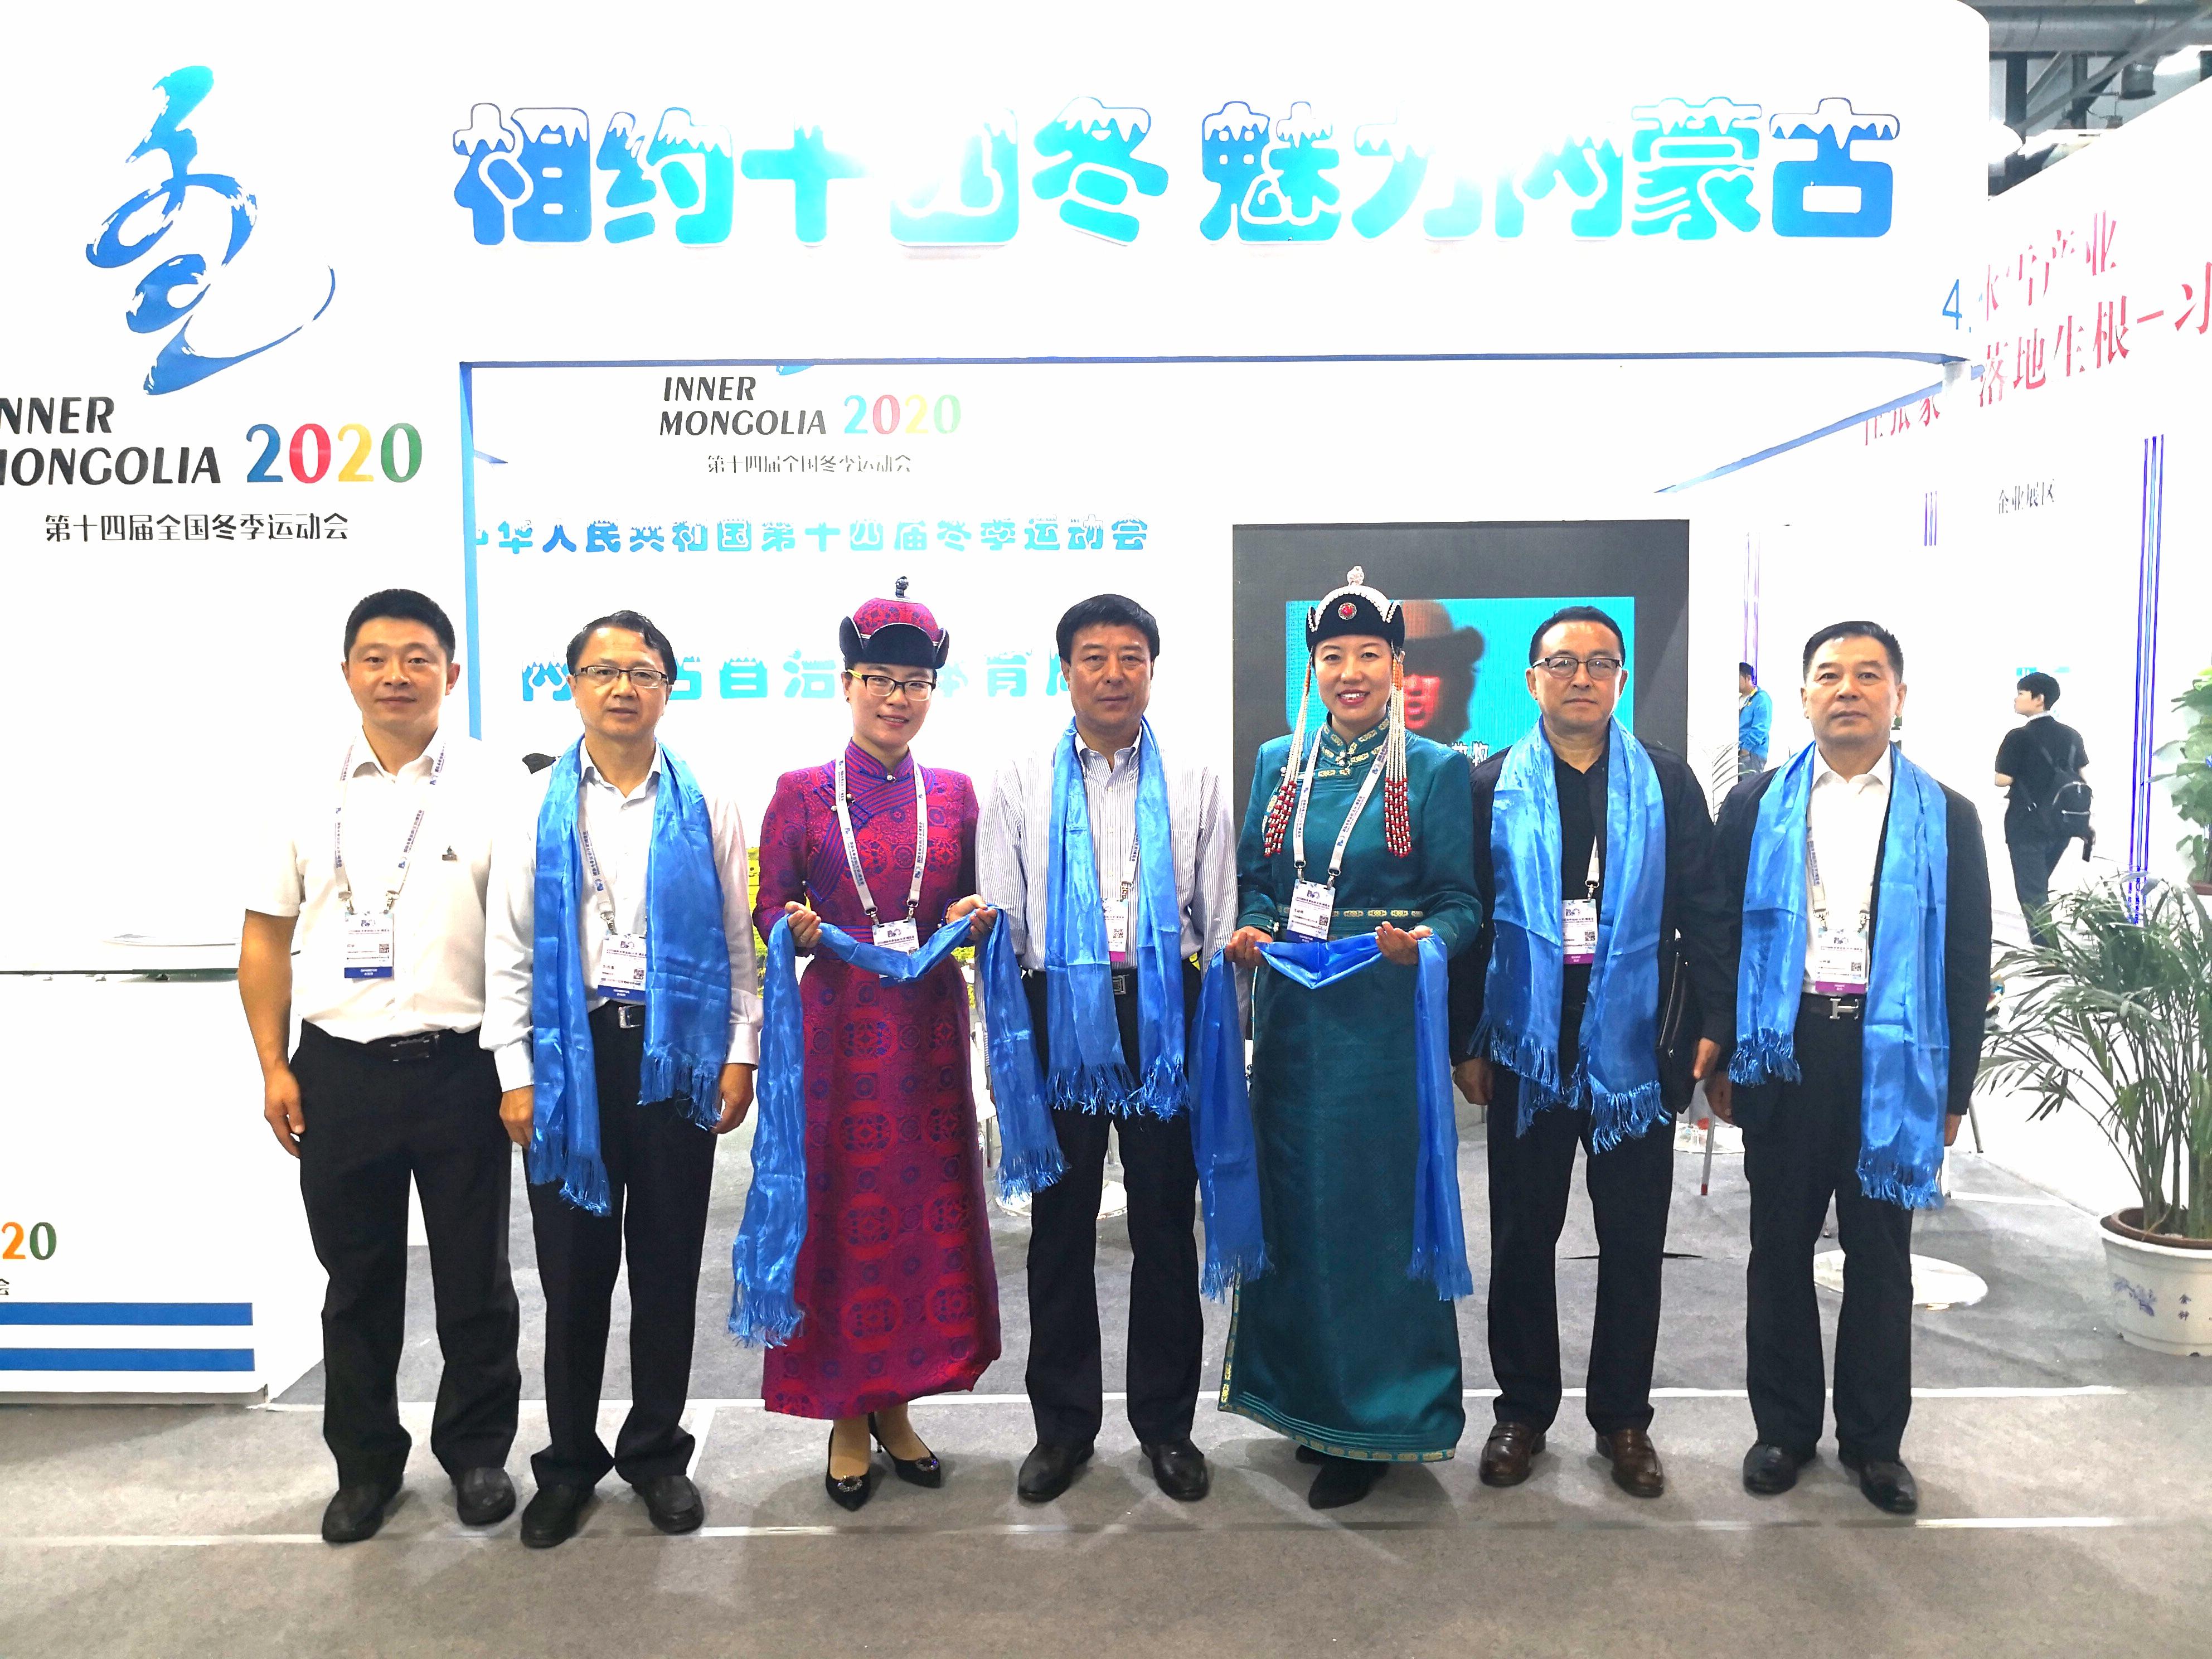 国际冬季运动博览会 内蒙古展示冰雪